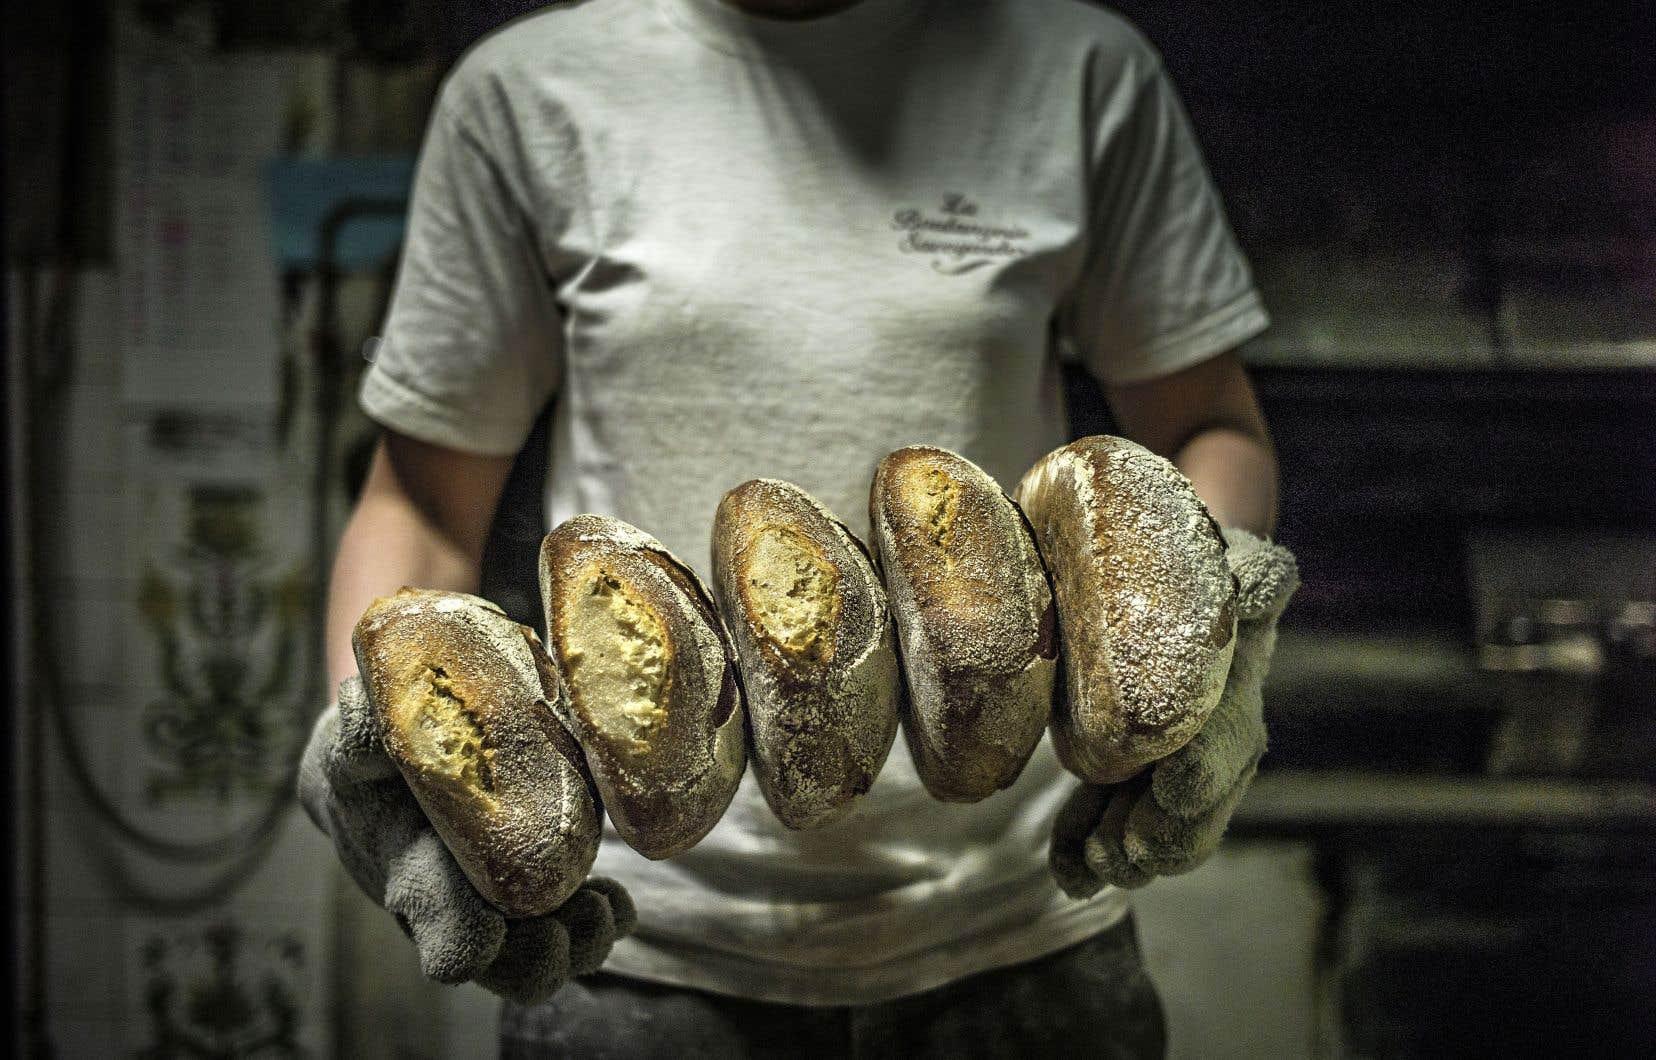 Des boulangers utilisent des blés «d'exception», comme le khorasan. Il s'agit de variétés «paysannes» qui avaient été abandonnées après la guerre pour pallier les insuffisances de la production céréalière, l'agriculture privilégiant le rendement.